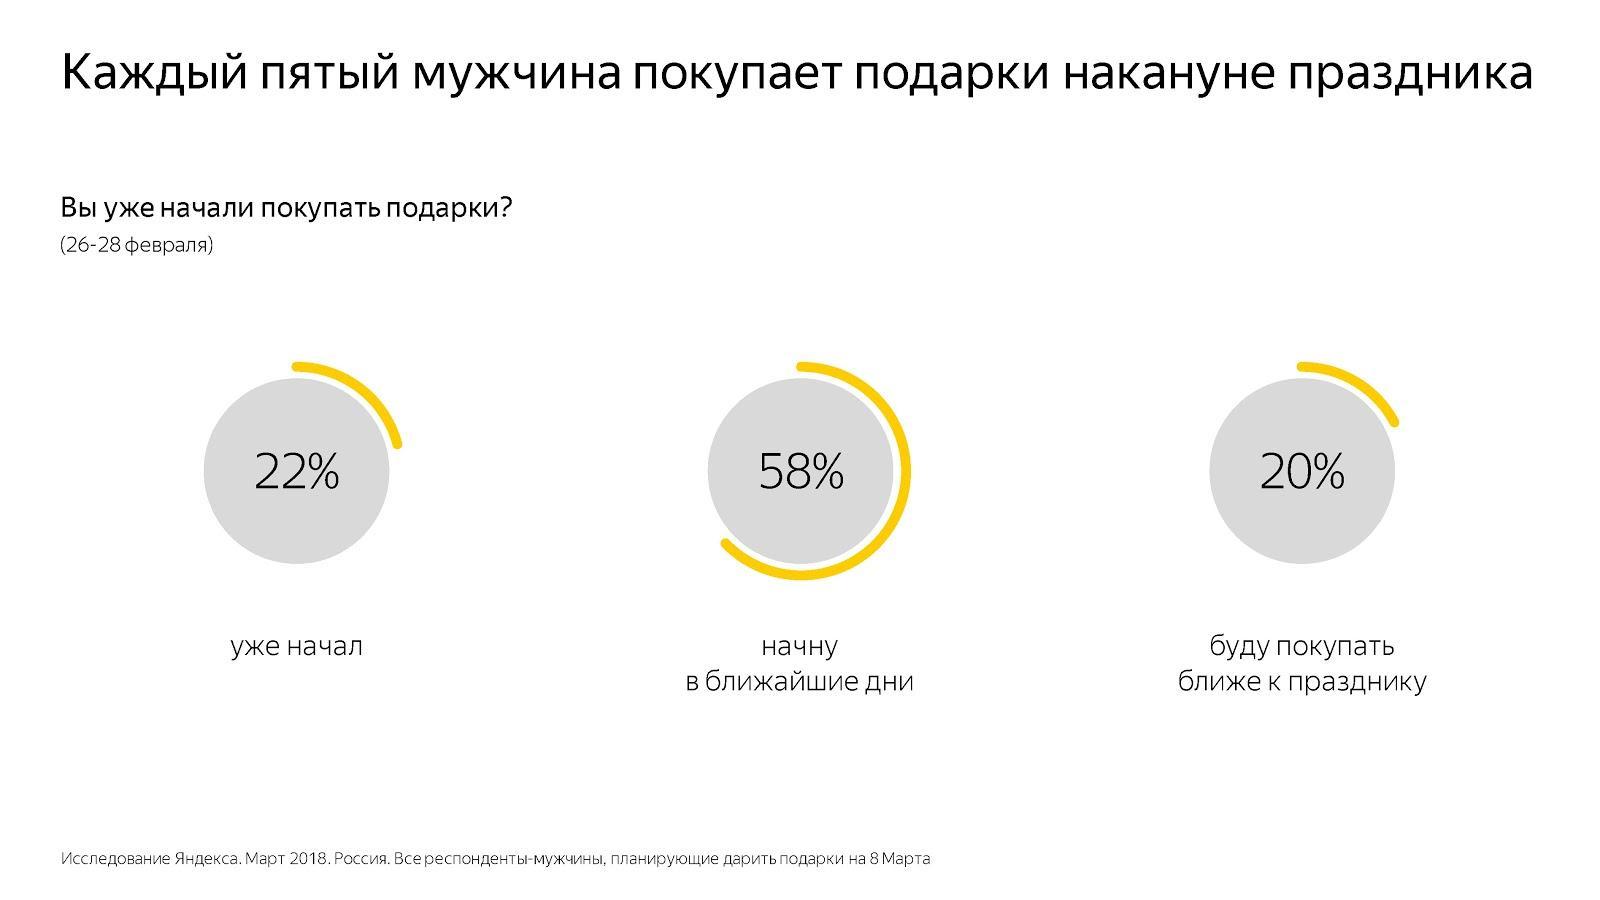 иследование Яндекса